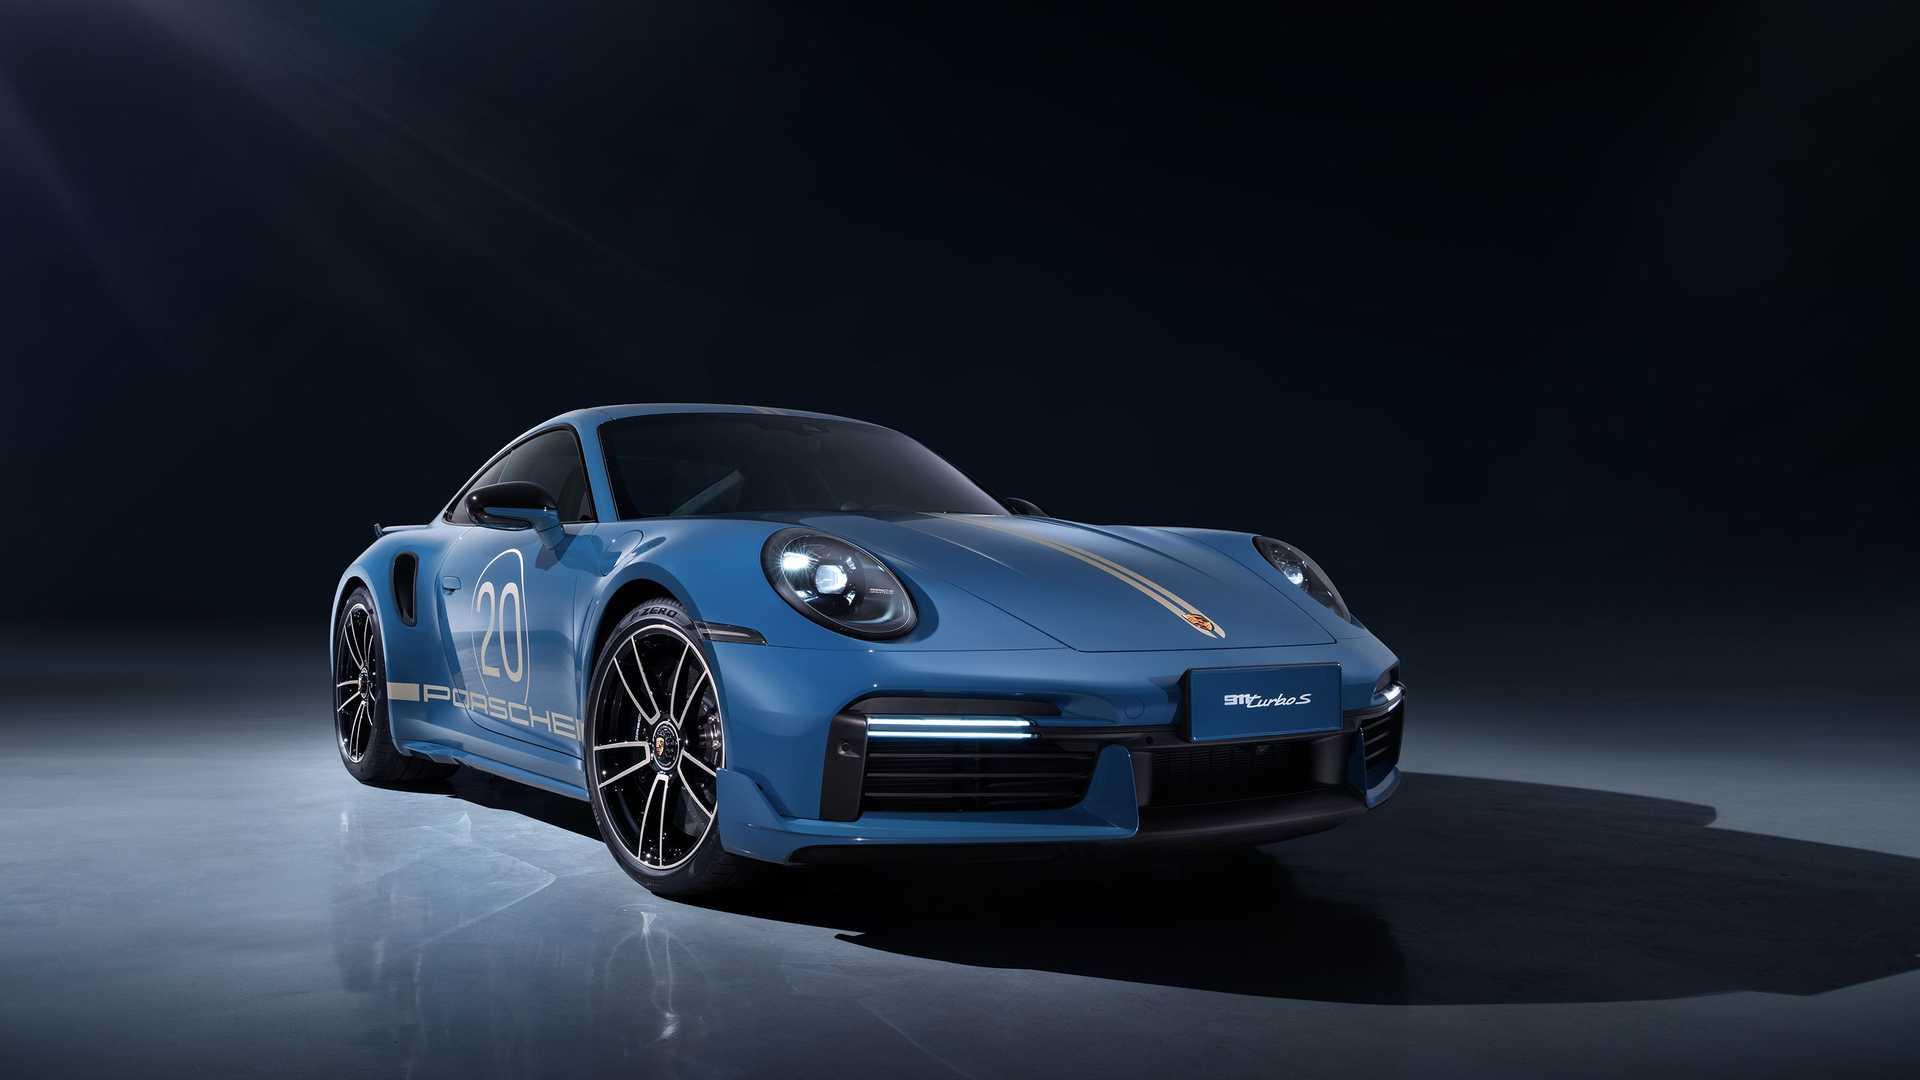 Porsche-911-Turbo-S-20th-Anniversary-Edition-9